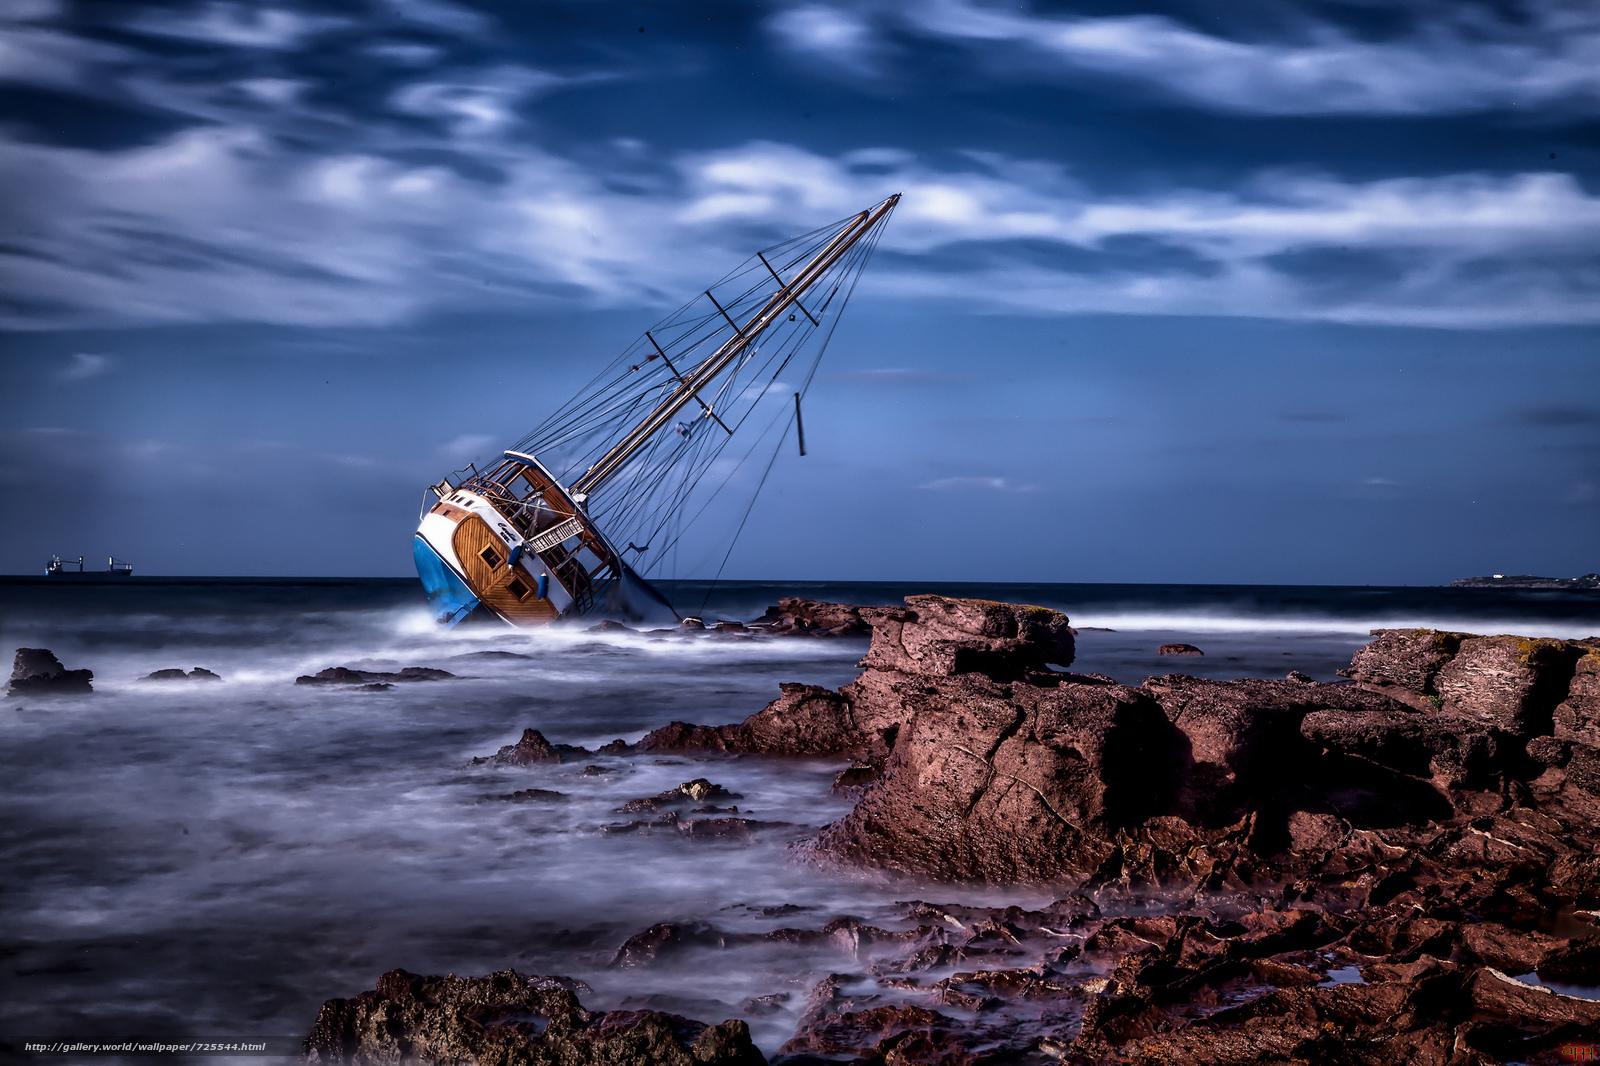 цель картинка корабль море скалы фото несложно найти